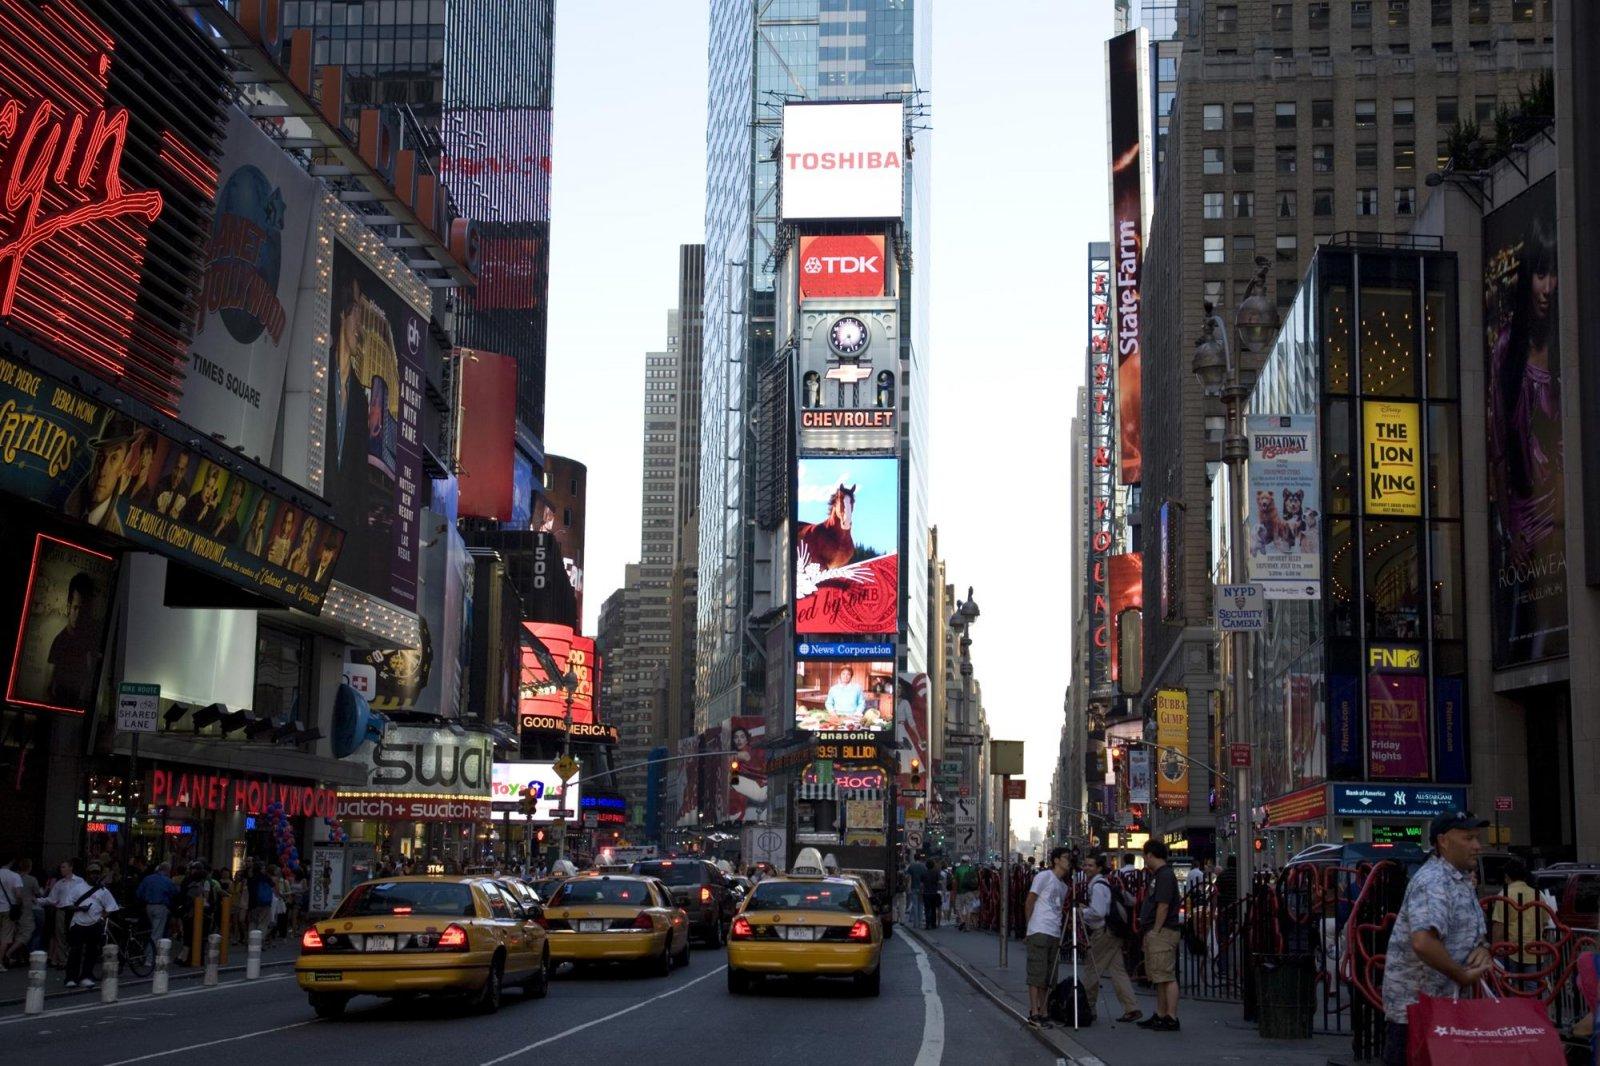 знакомство по скайпу нью йорк